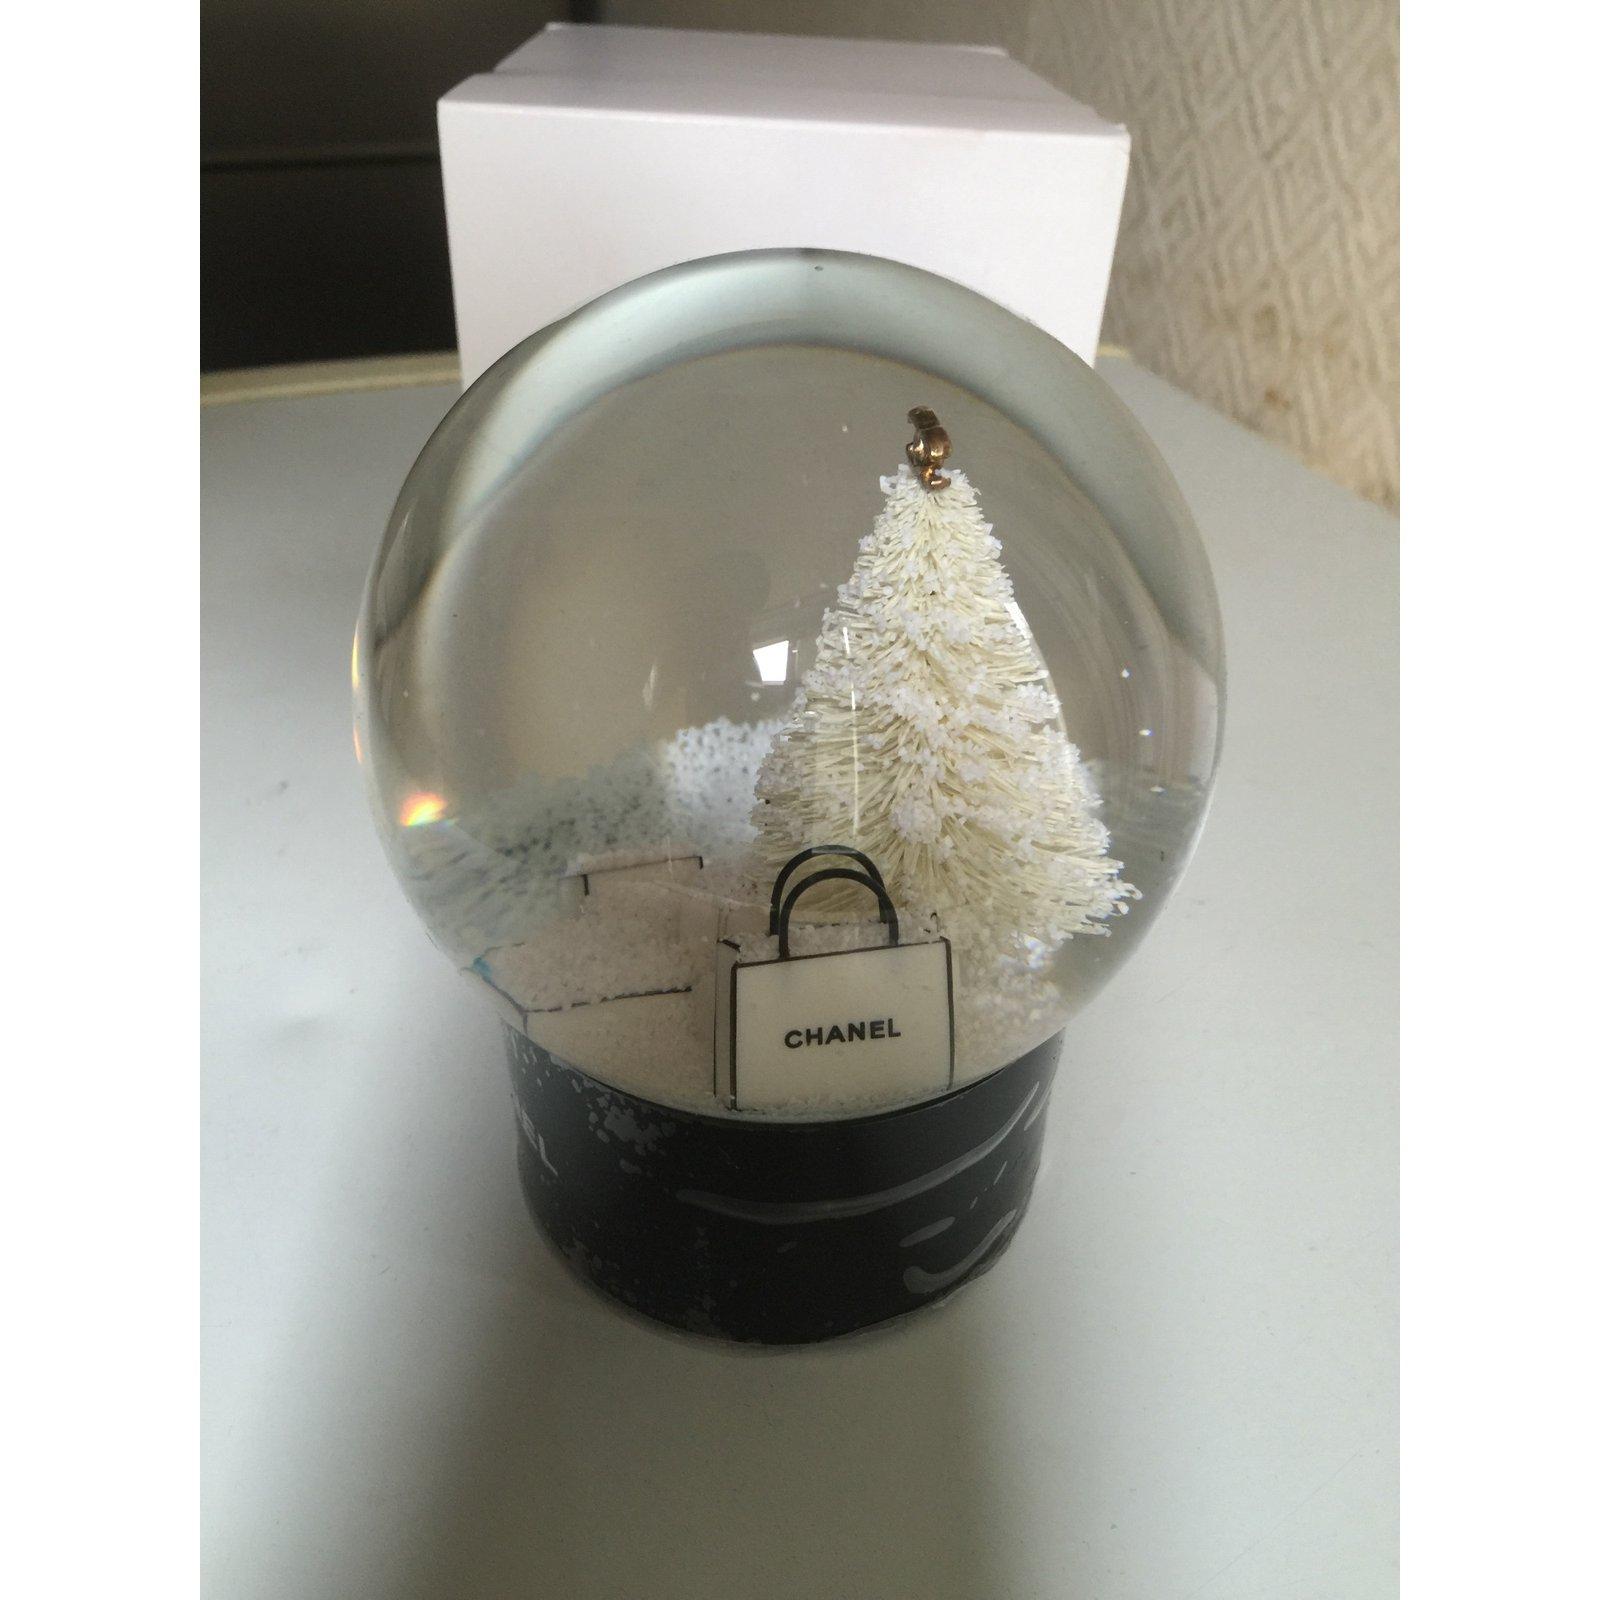 d coration divers chanel boule neige autre autre joli closet. Black Bedroom Furniture Sets. Home Design Ideas